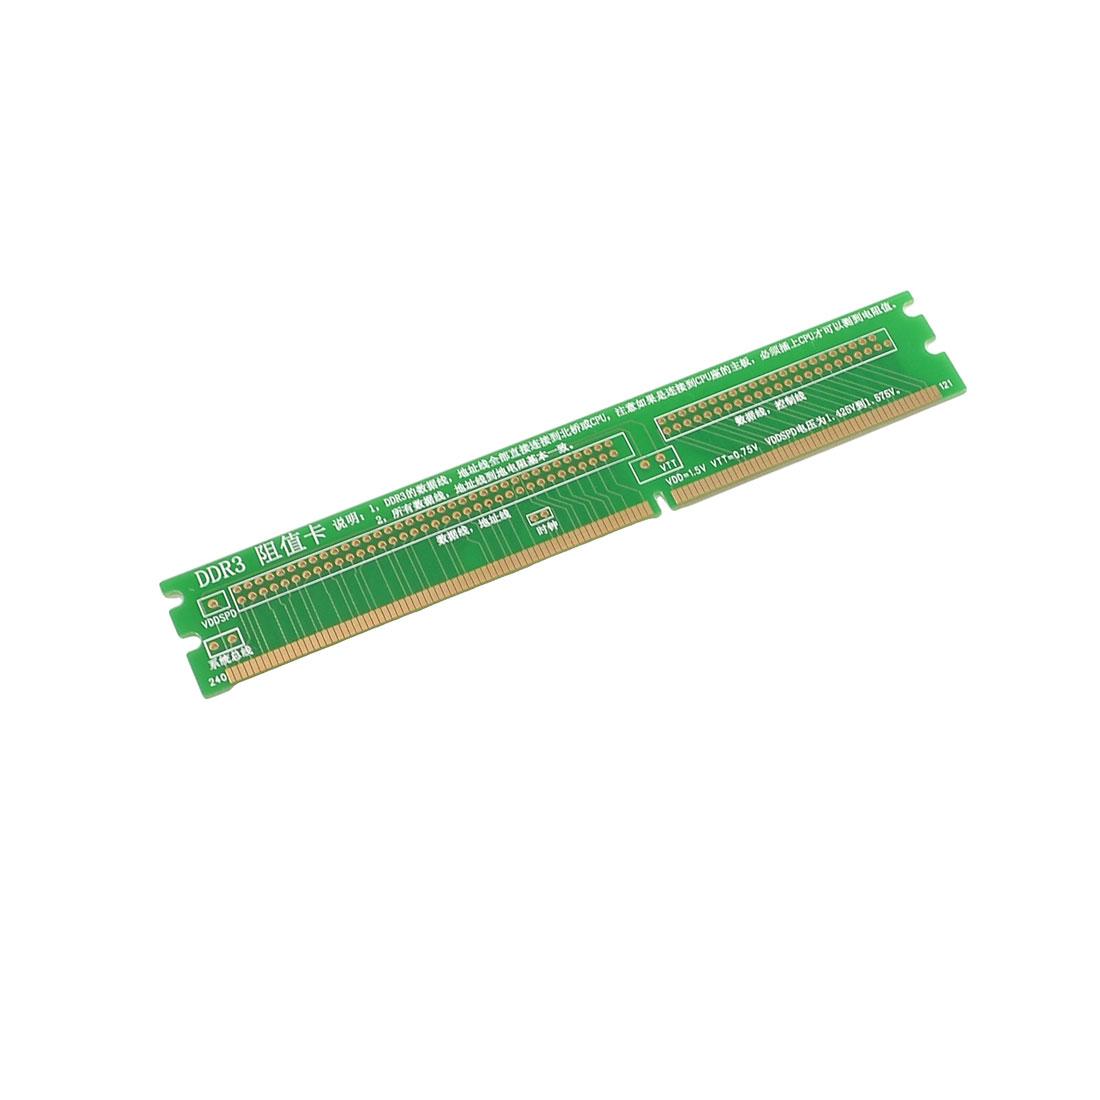 Desktop Motherboard Repair Tool DDR3 Mini-PCI Resistance Card